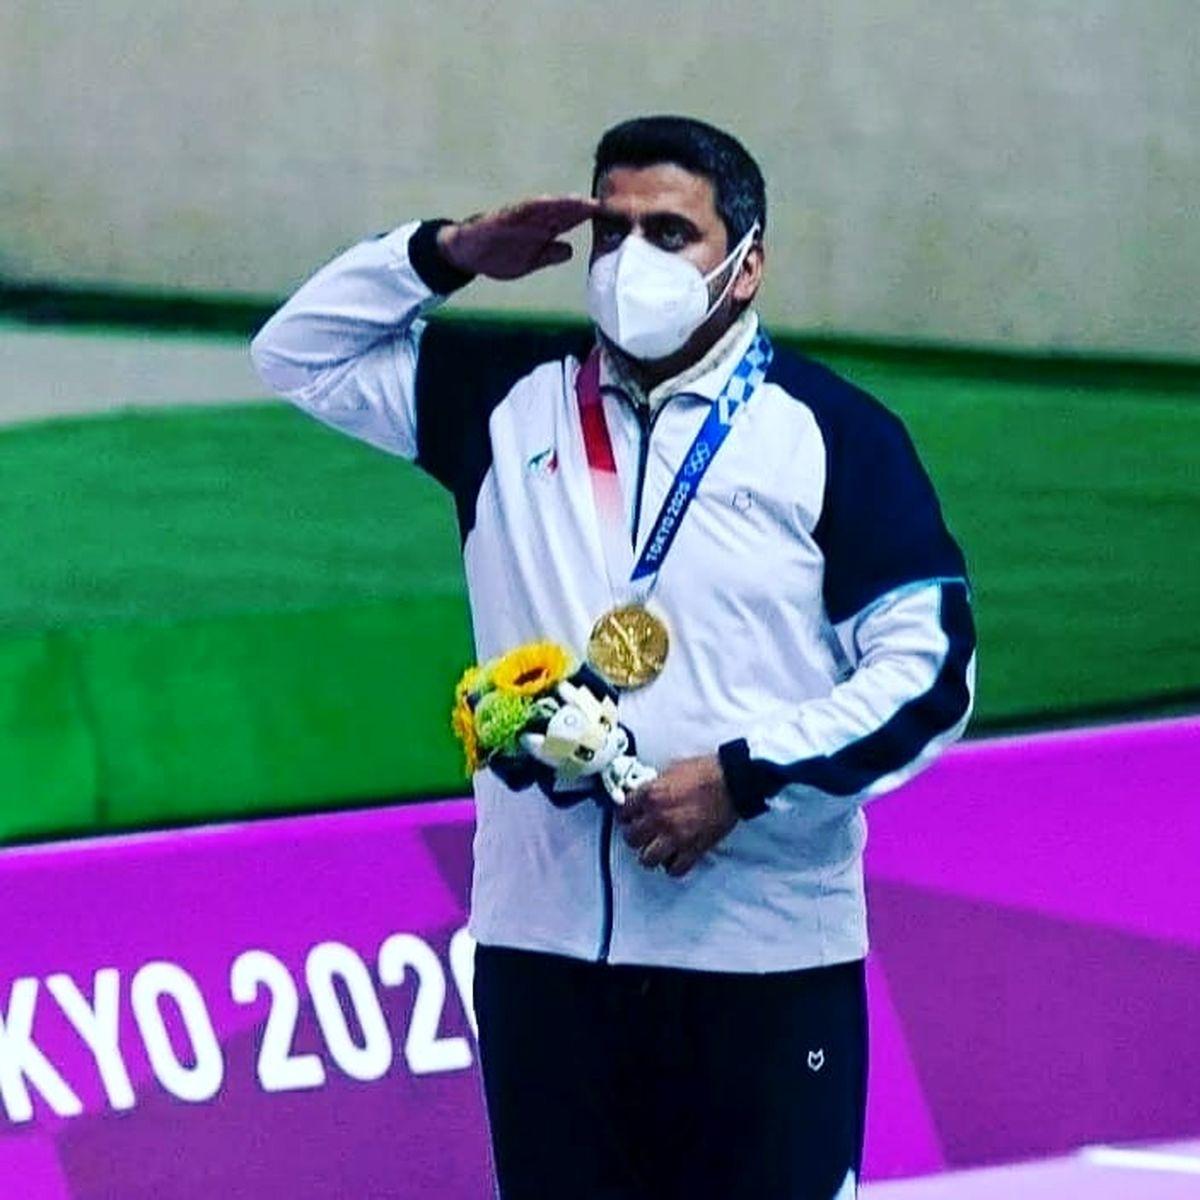 جواد فروغی قهرمان المپیک و خانواده اش + عکس